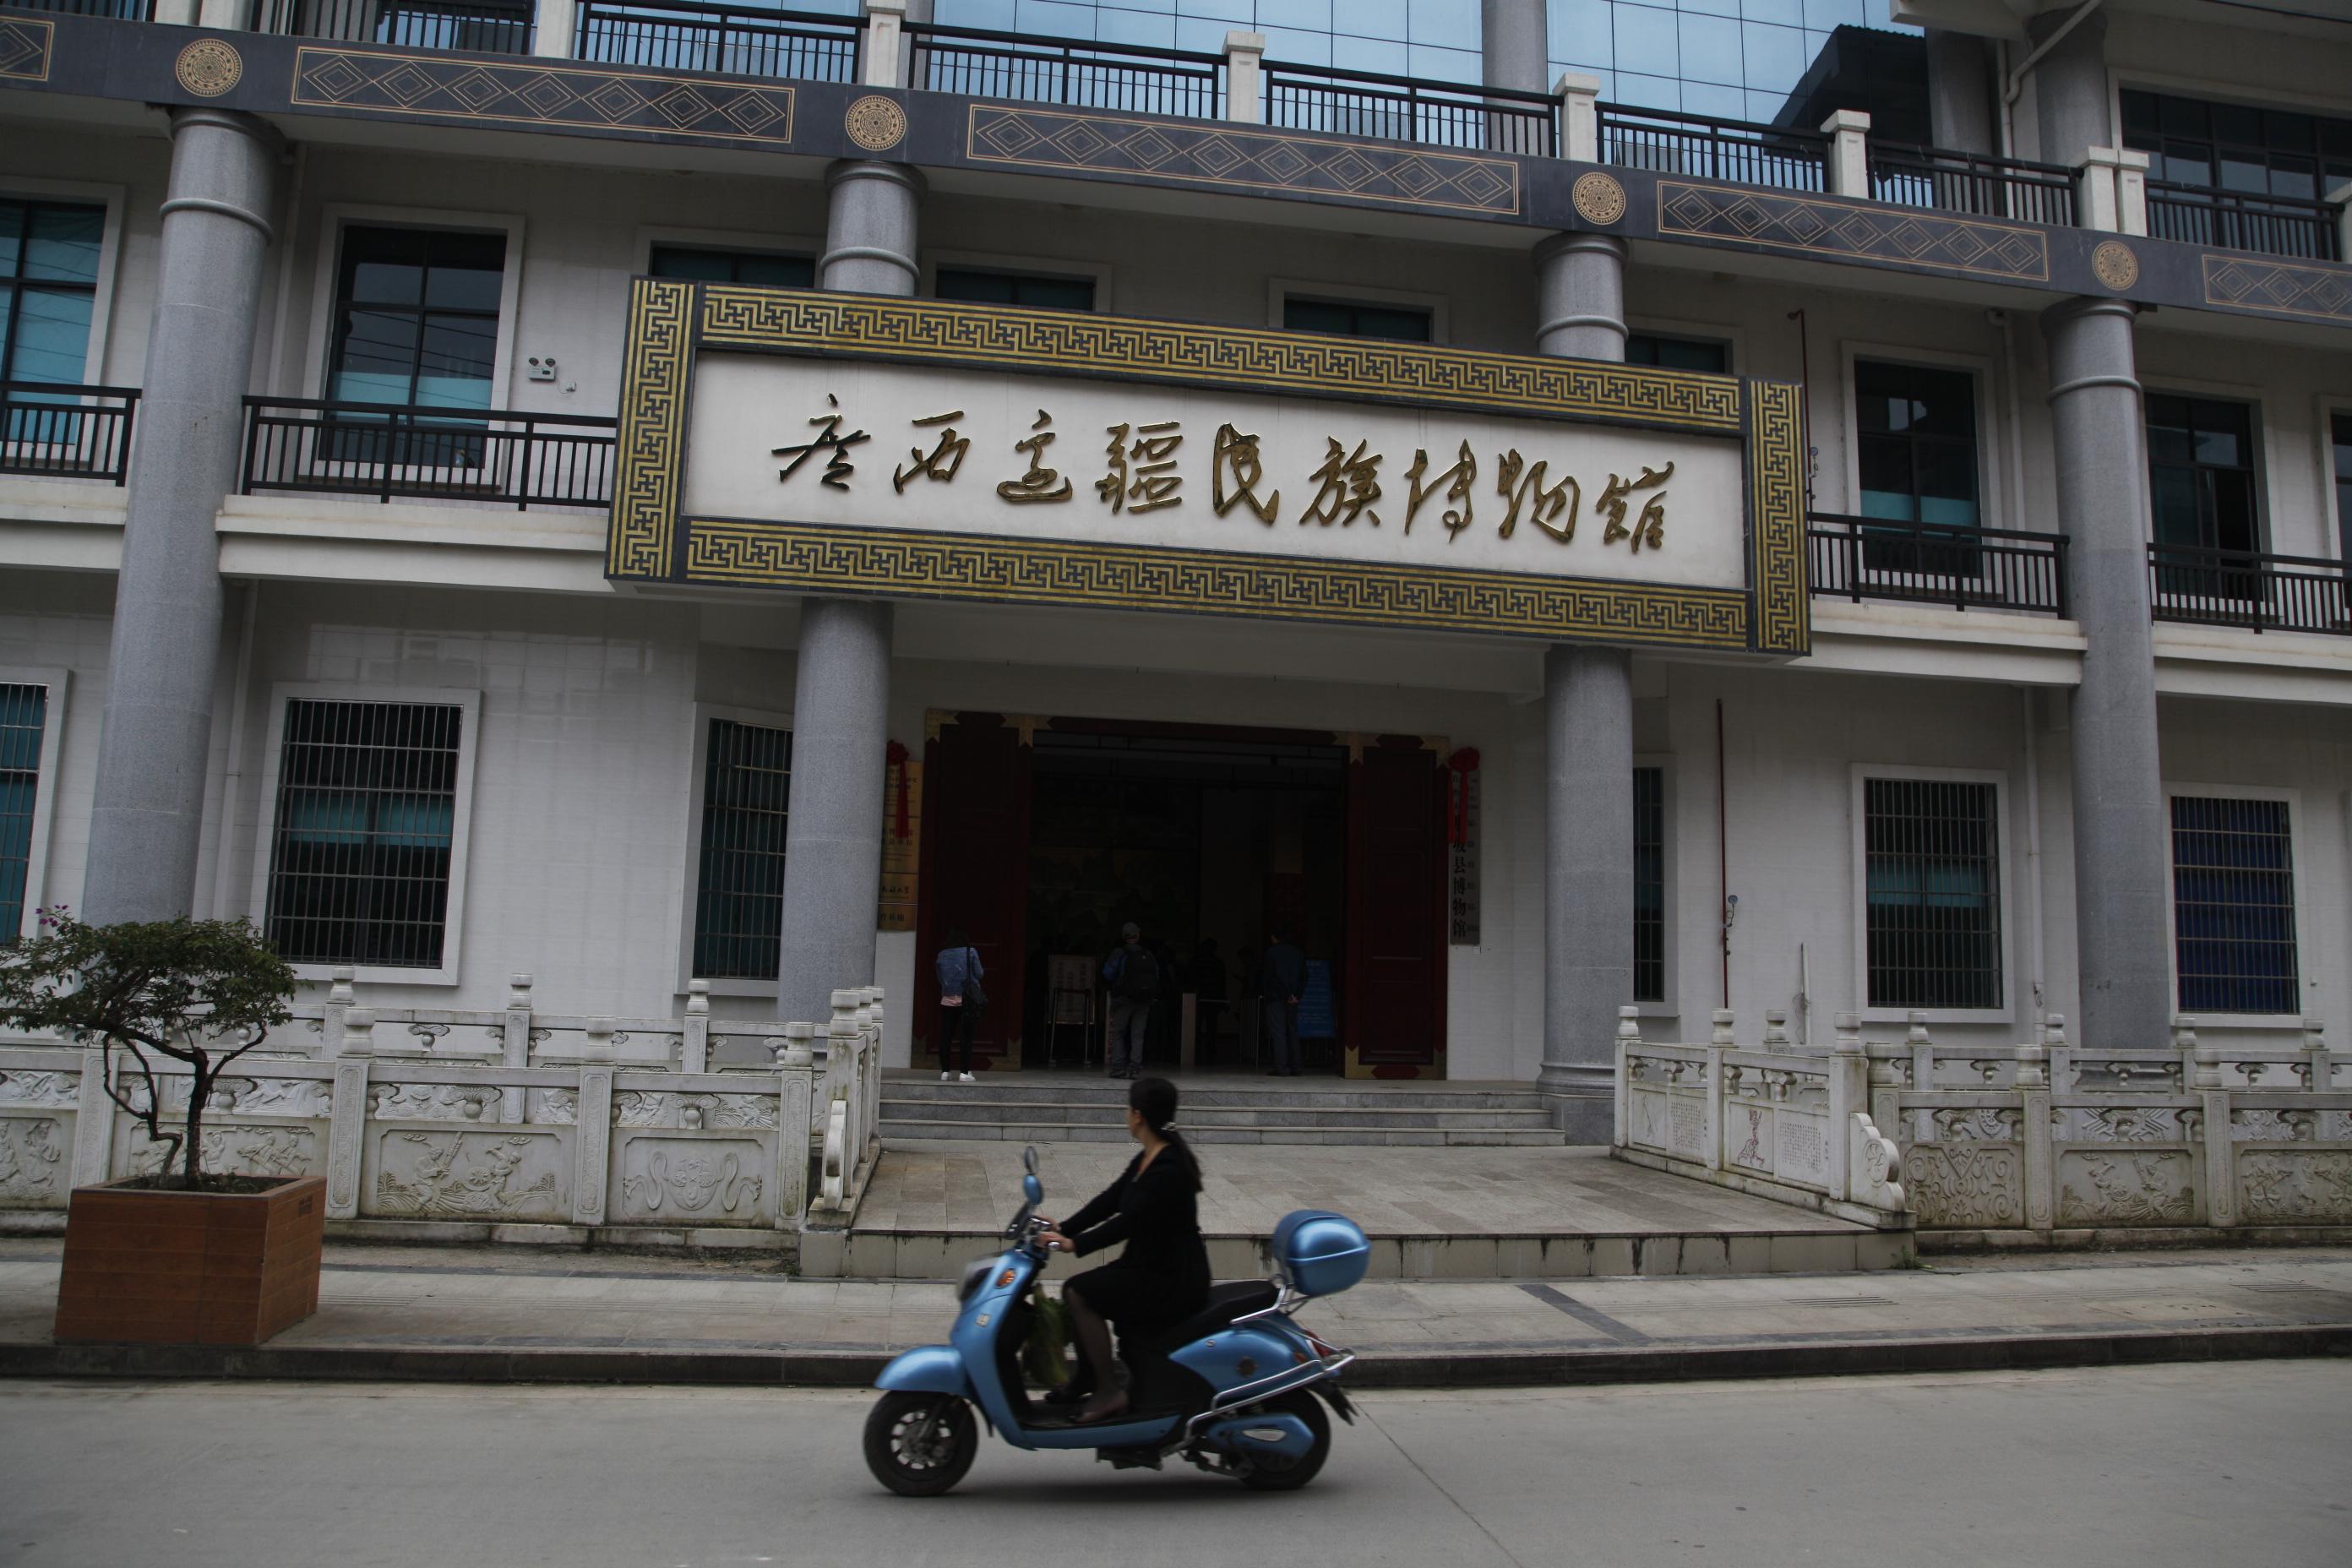 原创             中国最宜居城市,广西百色,山明水秀灵气飘逸,寒假就带孩子去啊